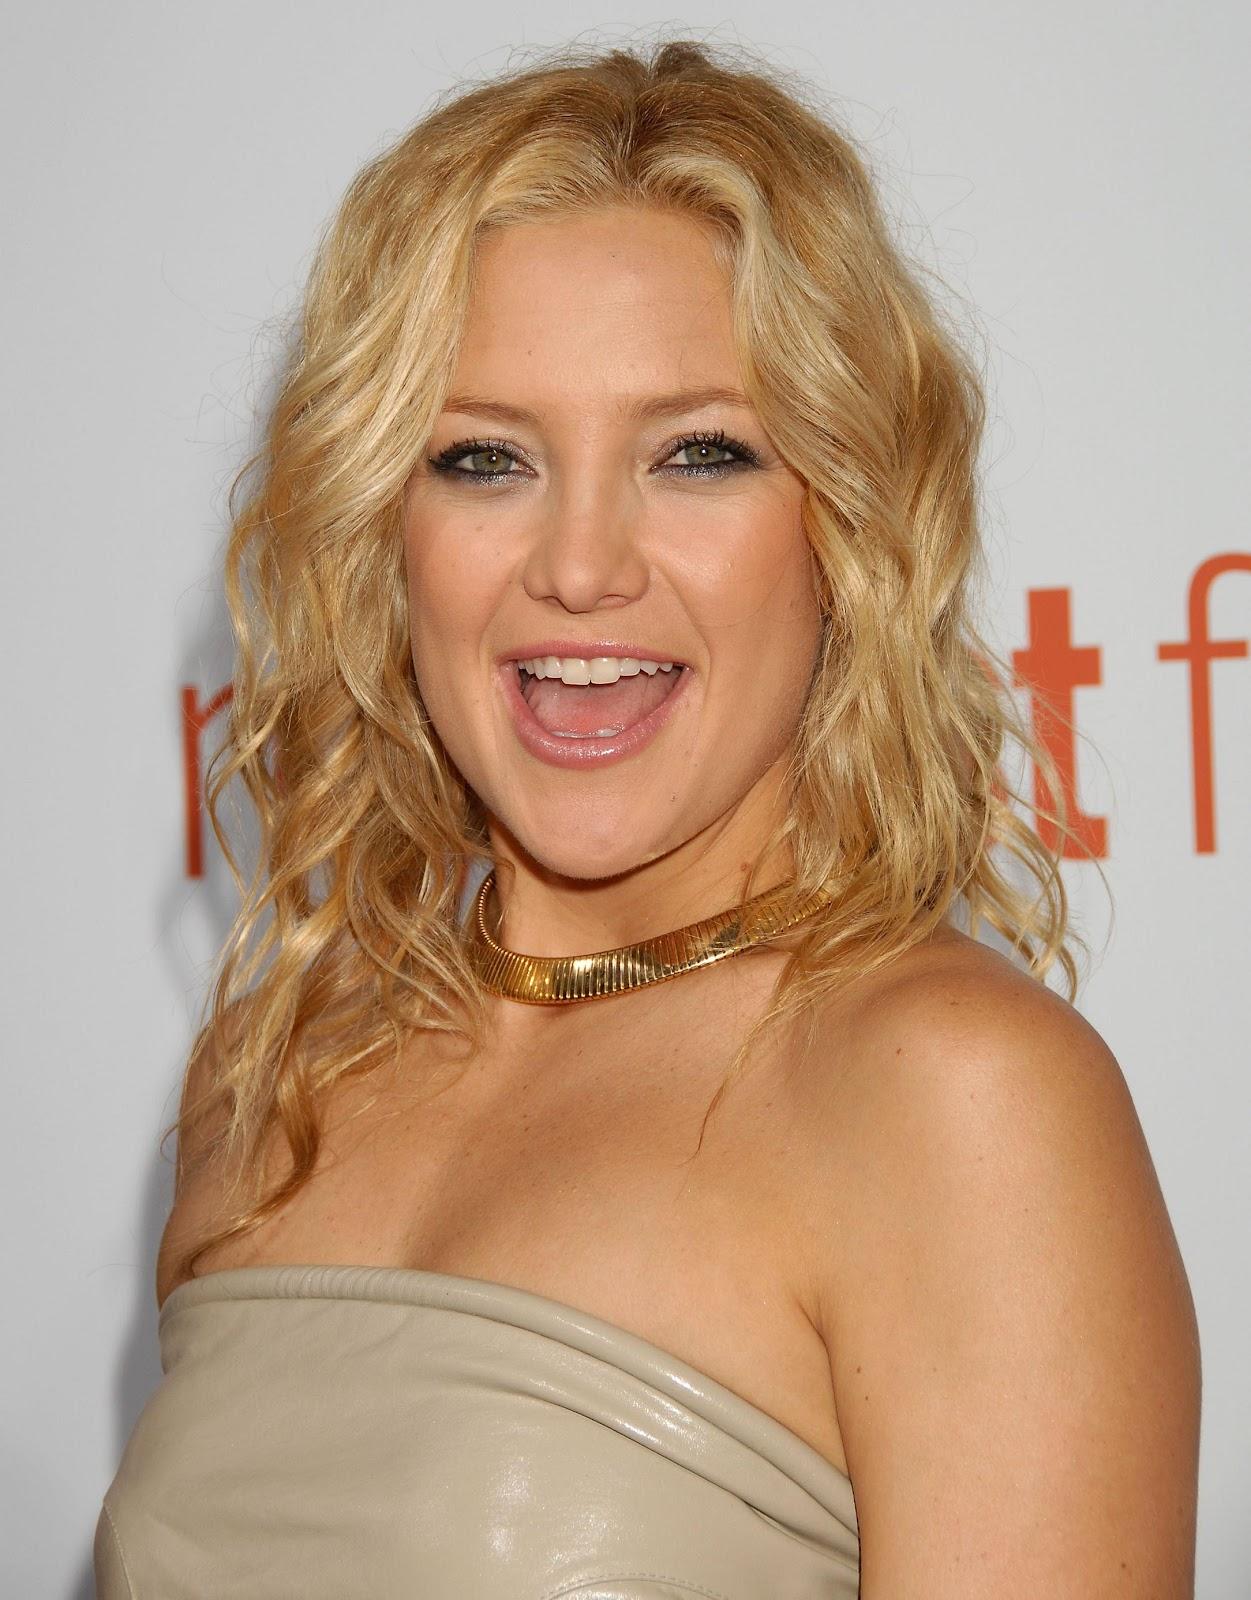 http://2.bp.blogspot.com/-Og9cfLUpYWM/UBkgtB6rBfI/AAAAAAAAFN0/9yAL5xqnk1Q/s1600/Kate-Hudson-hairstyles-celebrity-actress-wallpaper-pictures-hudson-kate+(17).jpg